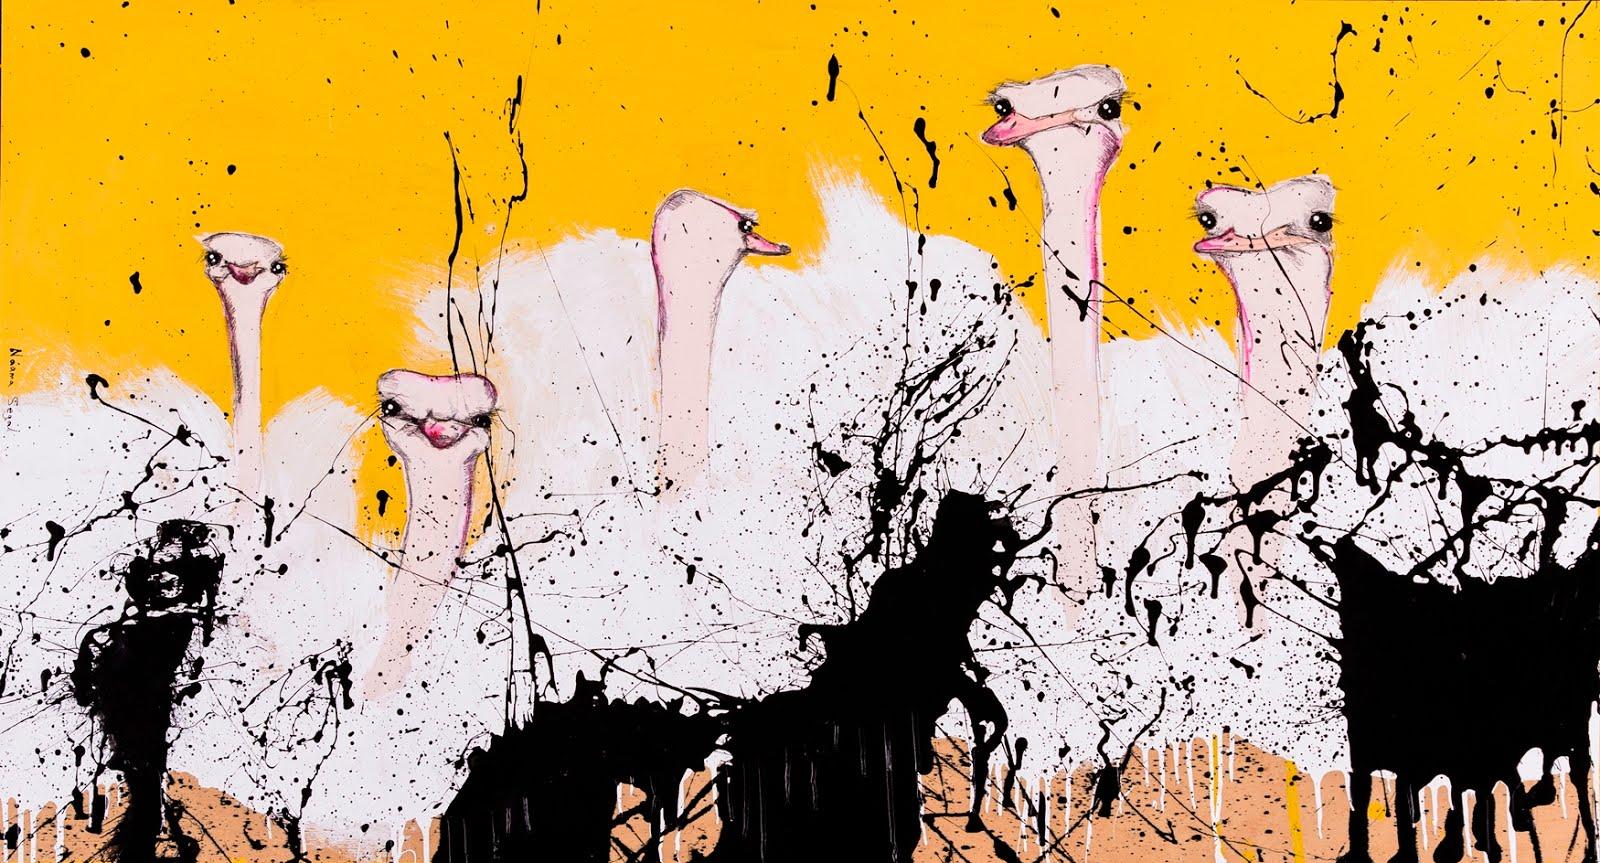 על אמנות וכסף אירוע מכירה ותוכן עם שרי גולן ב-2 הרצאות בתערוכה 'אמנות = לכל כיס'